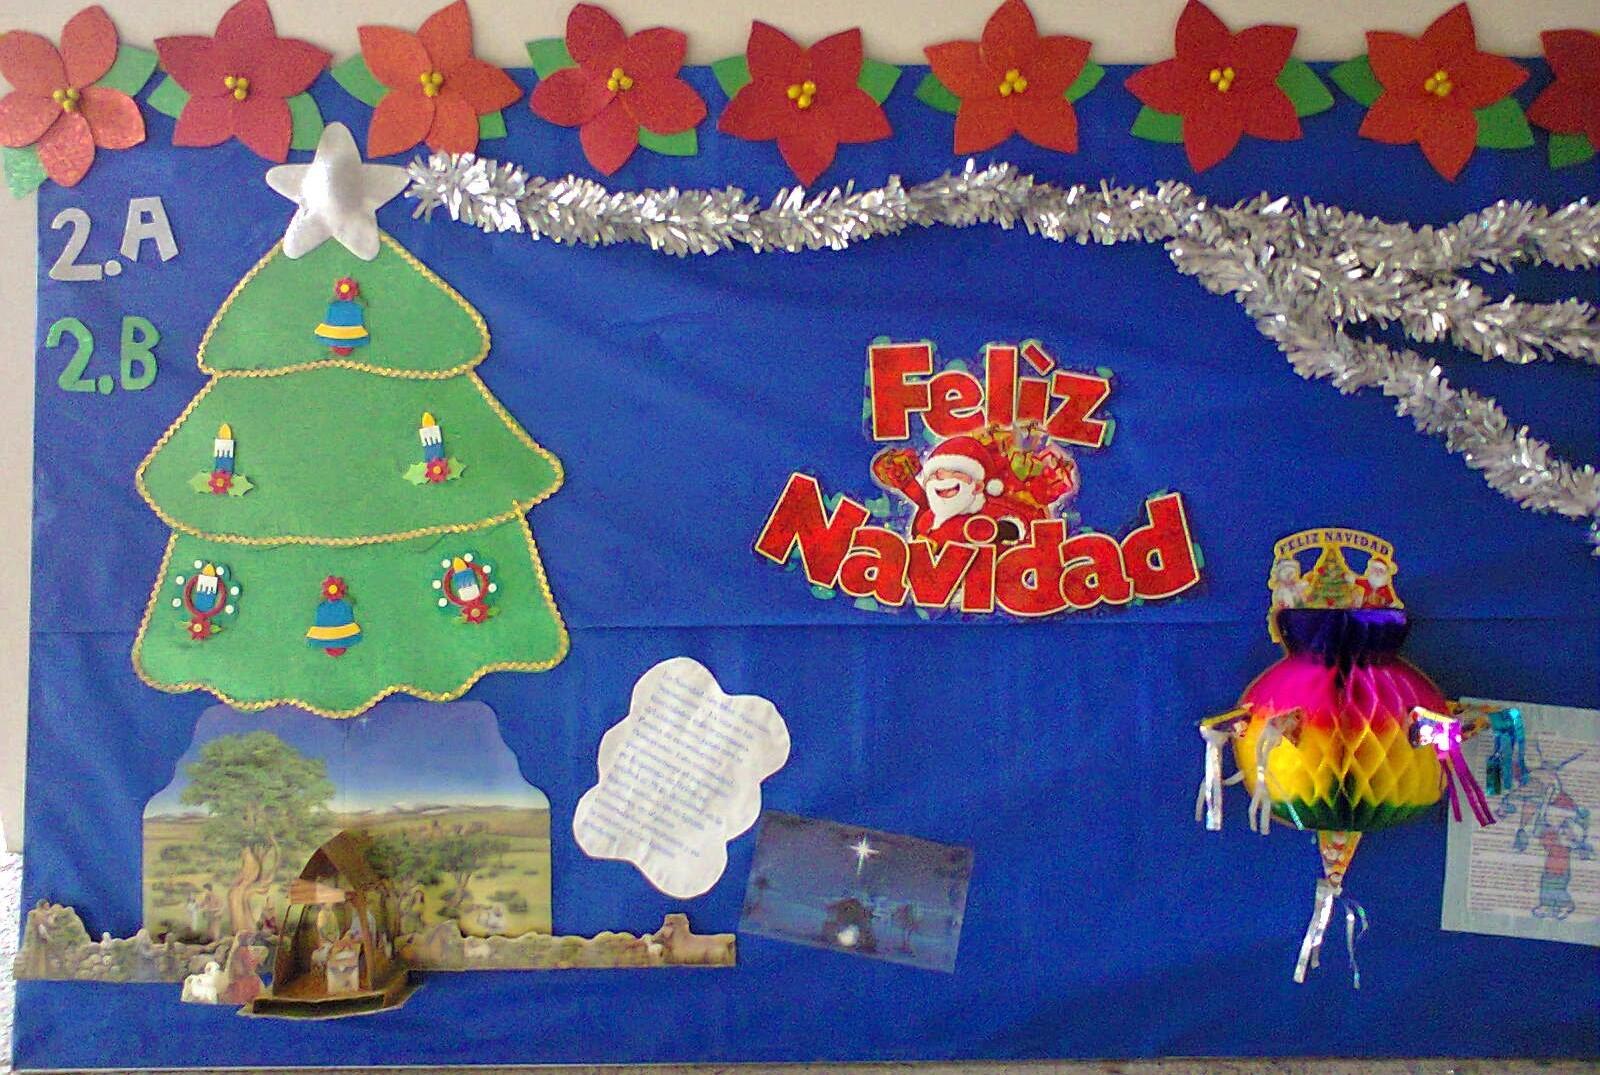 Periodico mural diciembre 7 imagenes educativas for Avisos de ocasion el mural